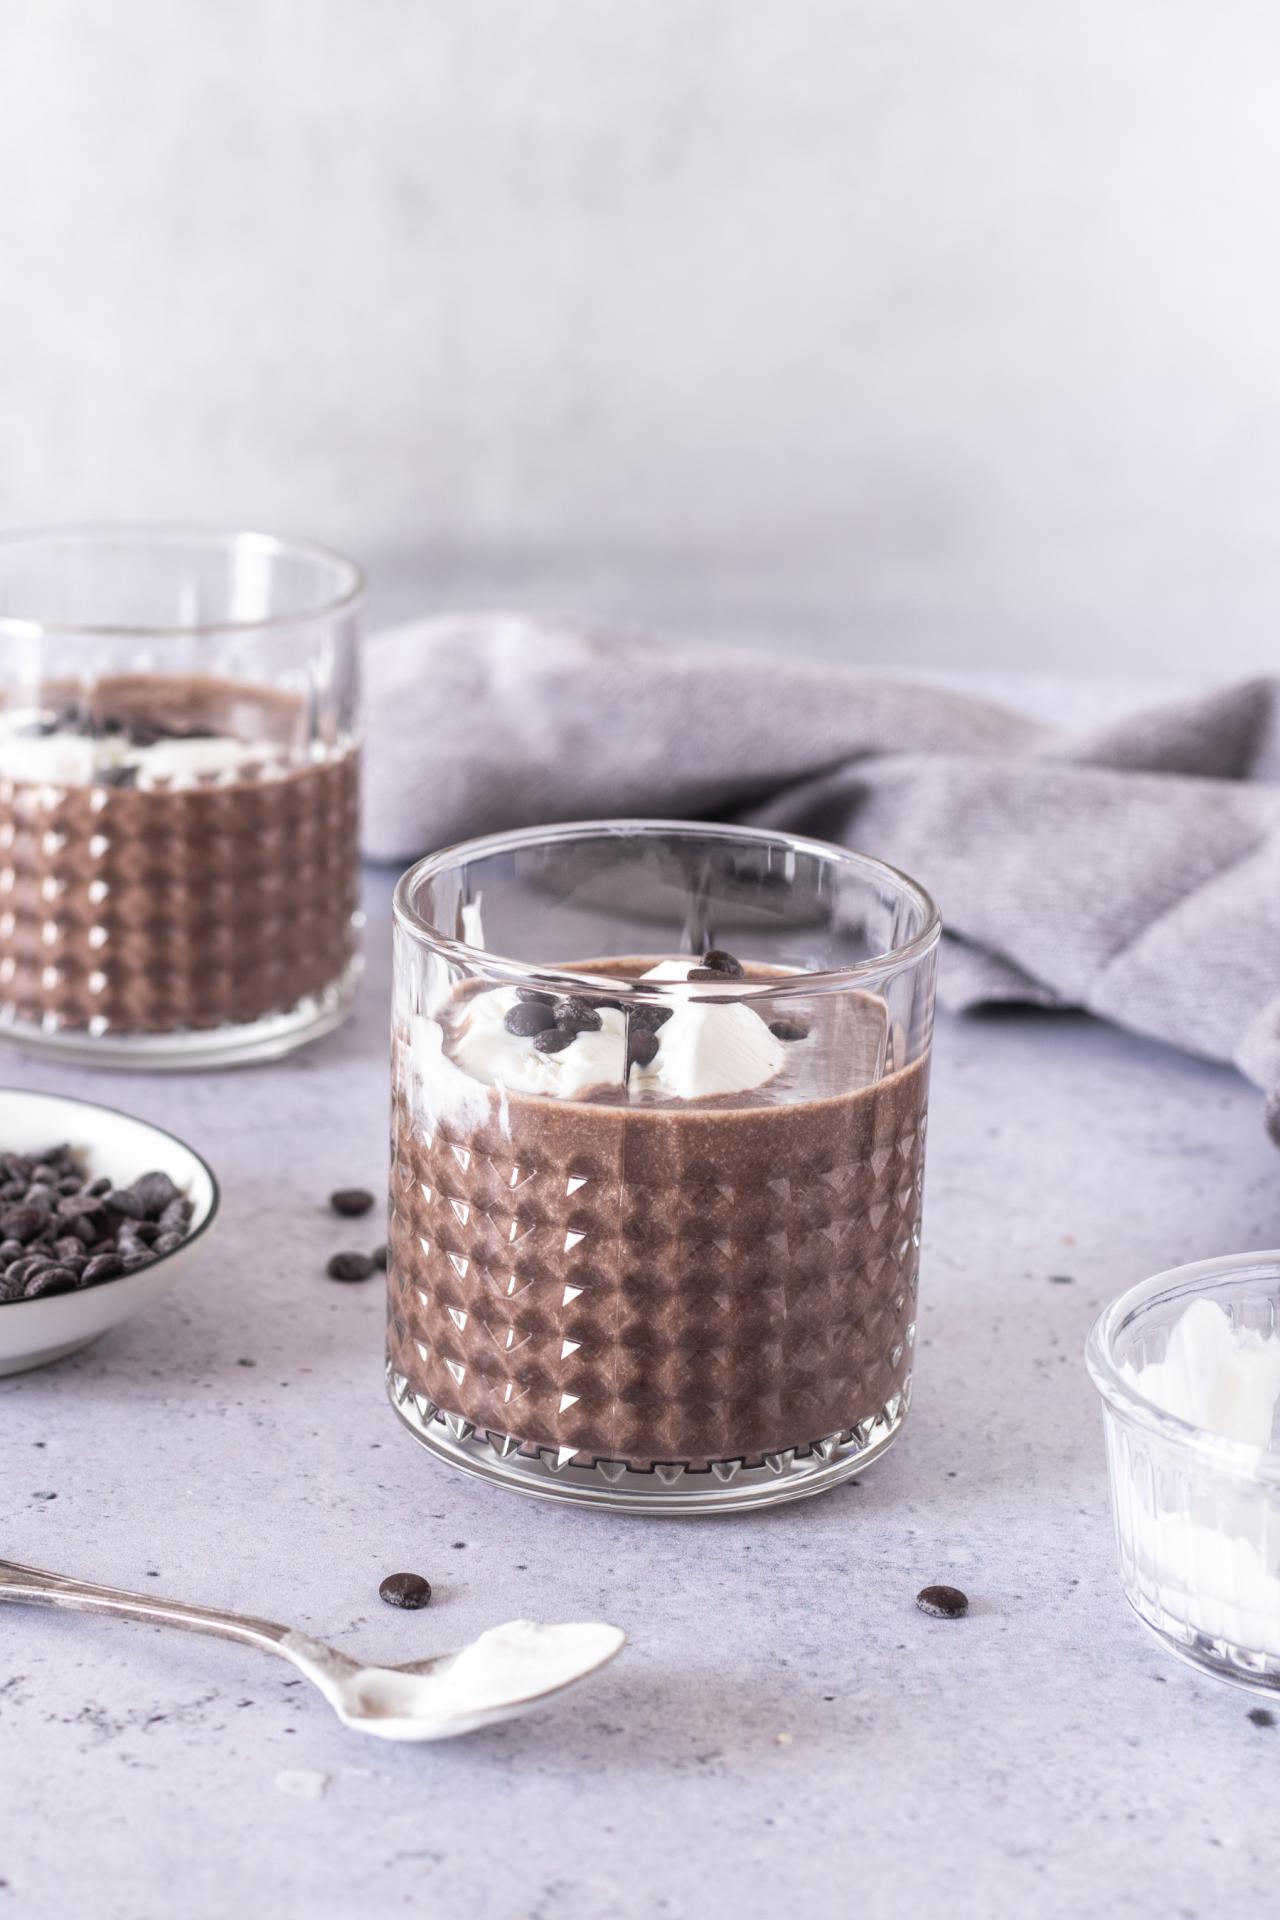 čokoladni frappe